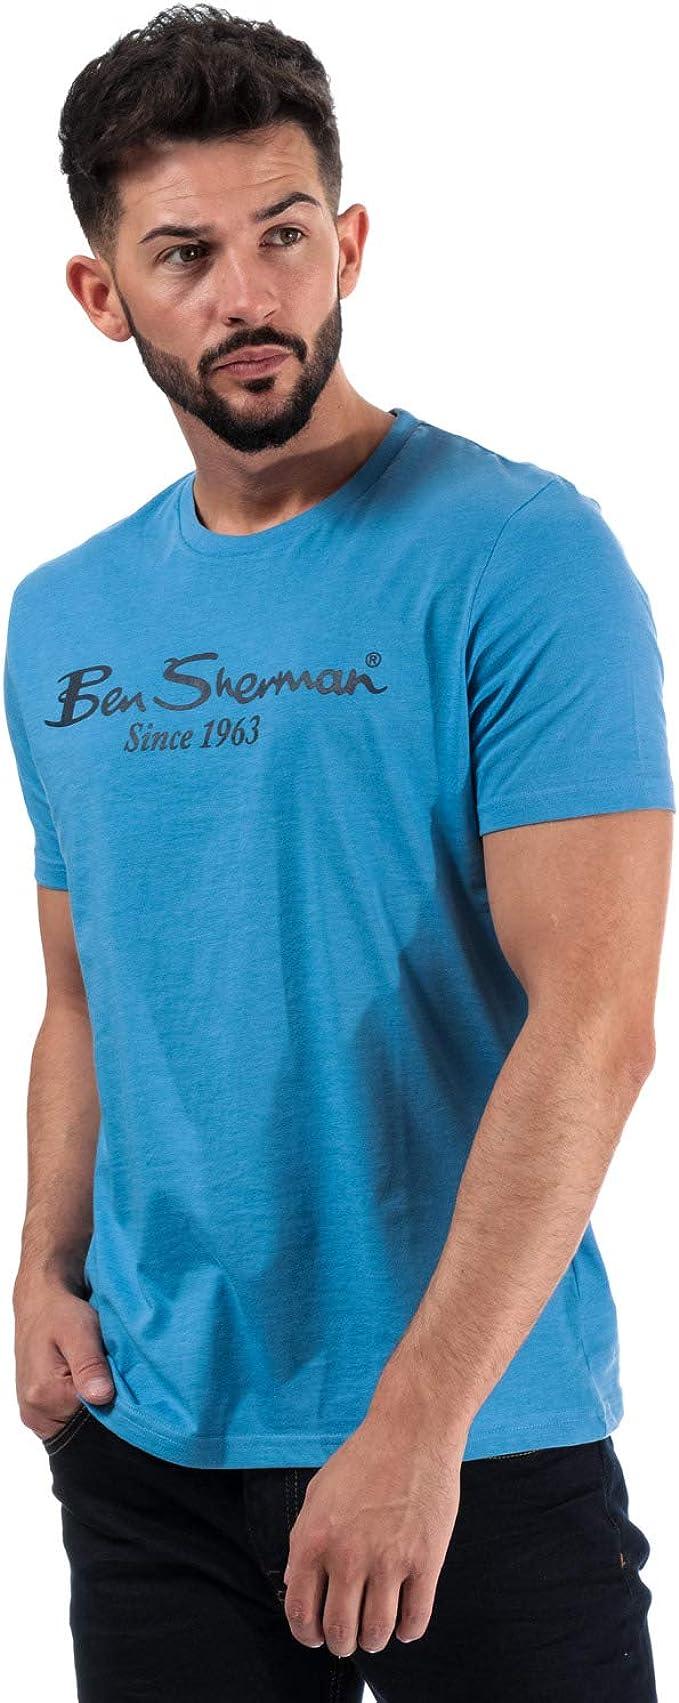 Ben Sherman - Camiseta para hombre, diseño de logotipo en color azul claro Azul azul M: Amazon.es: Ropa y accesorios